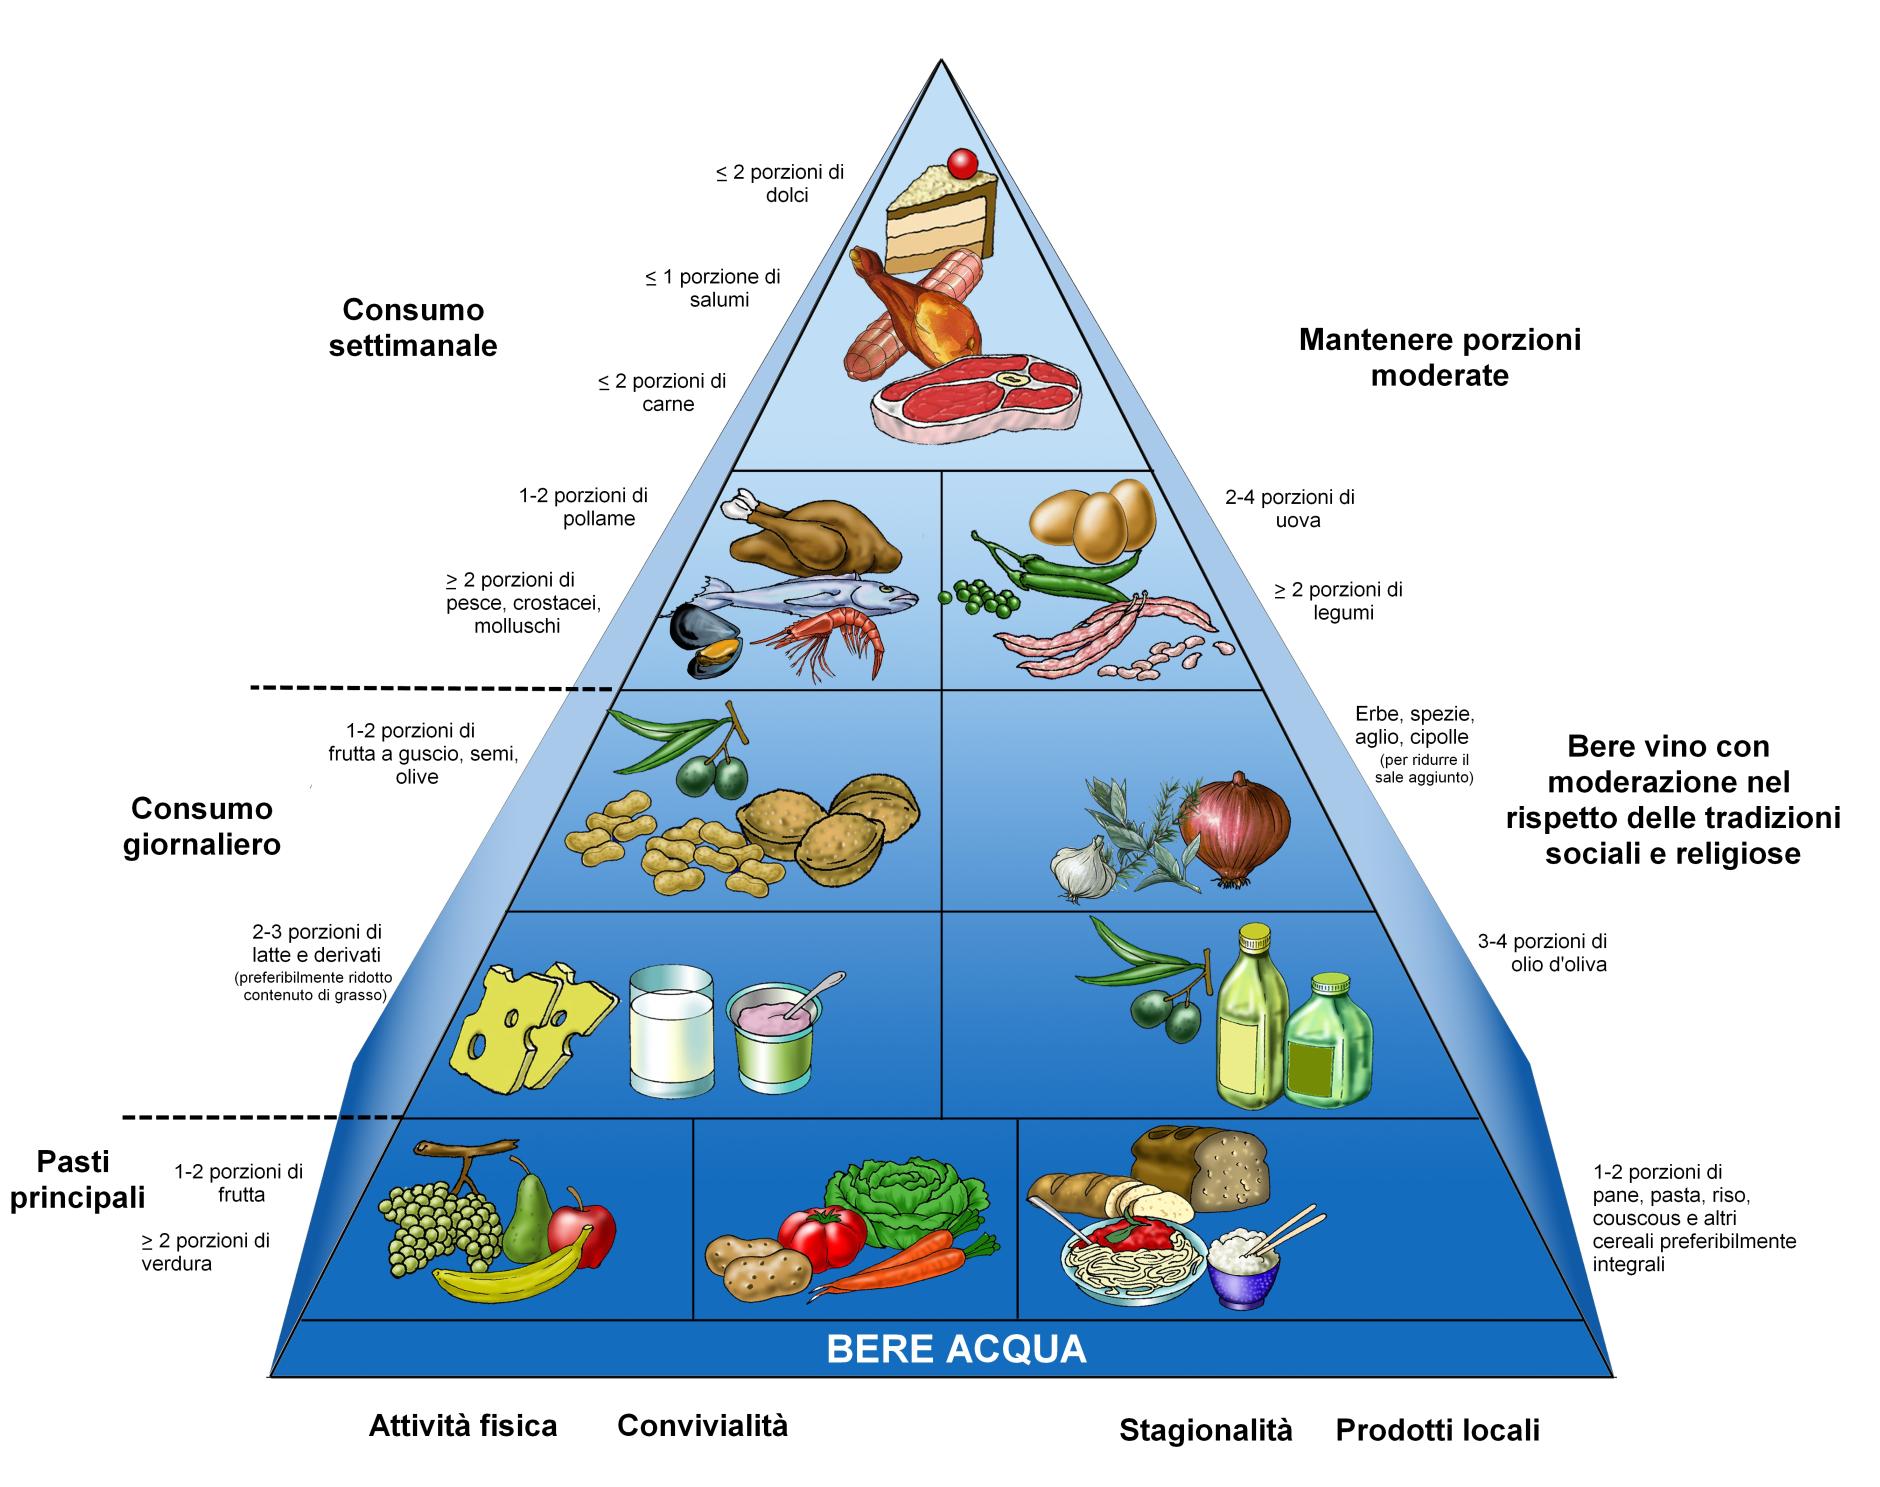 Piramide alimentare INRAN